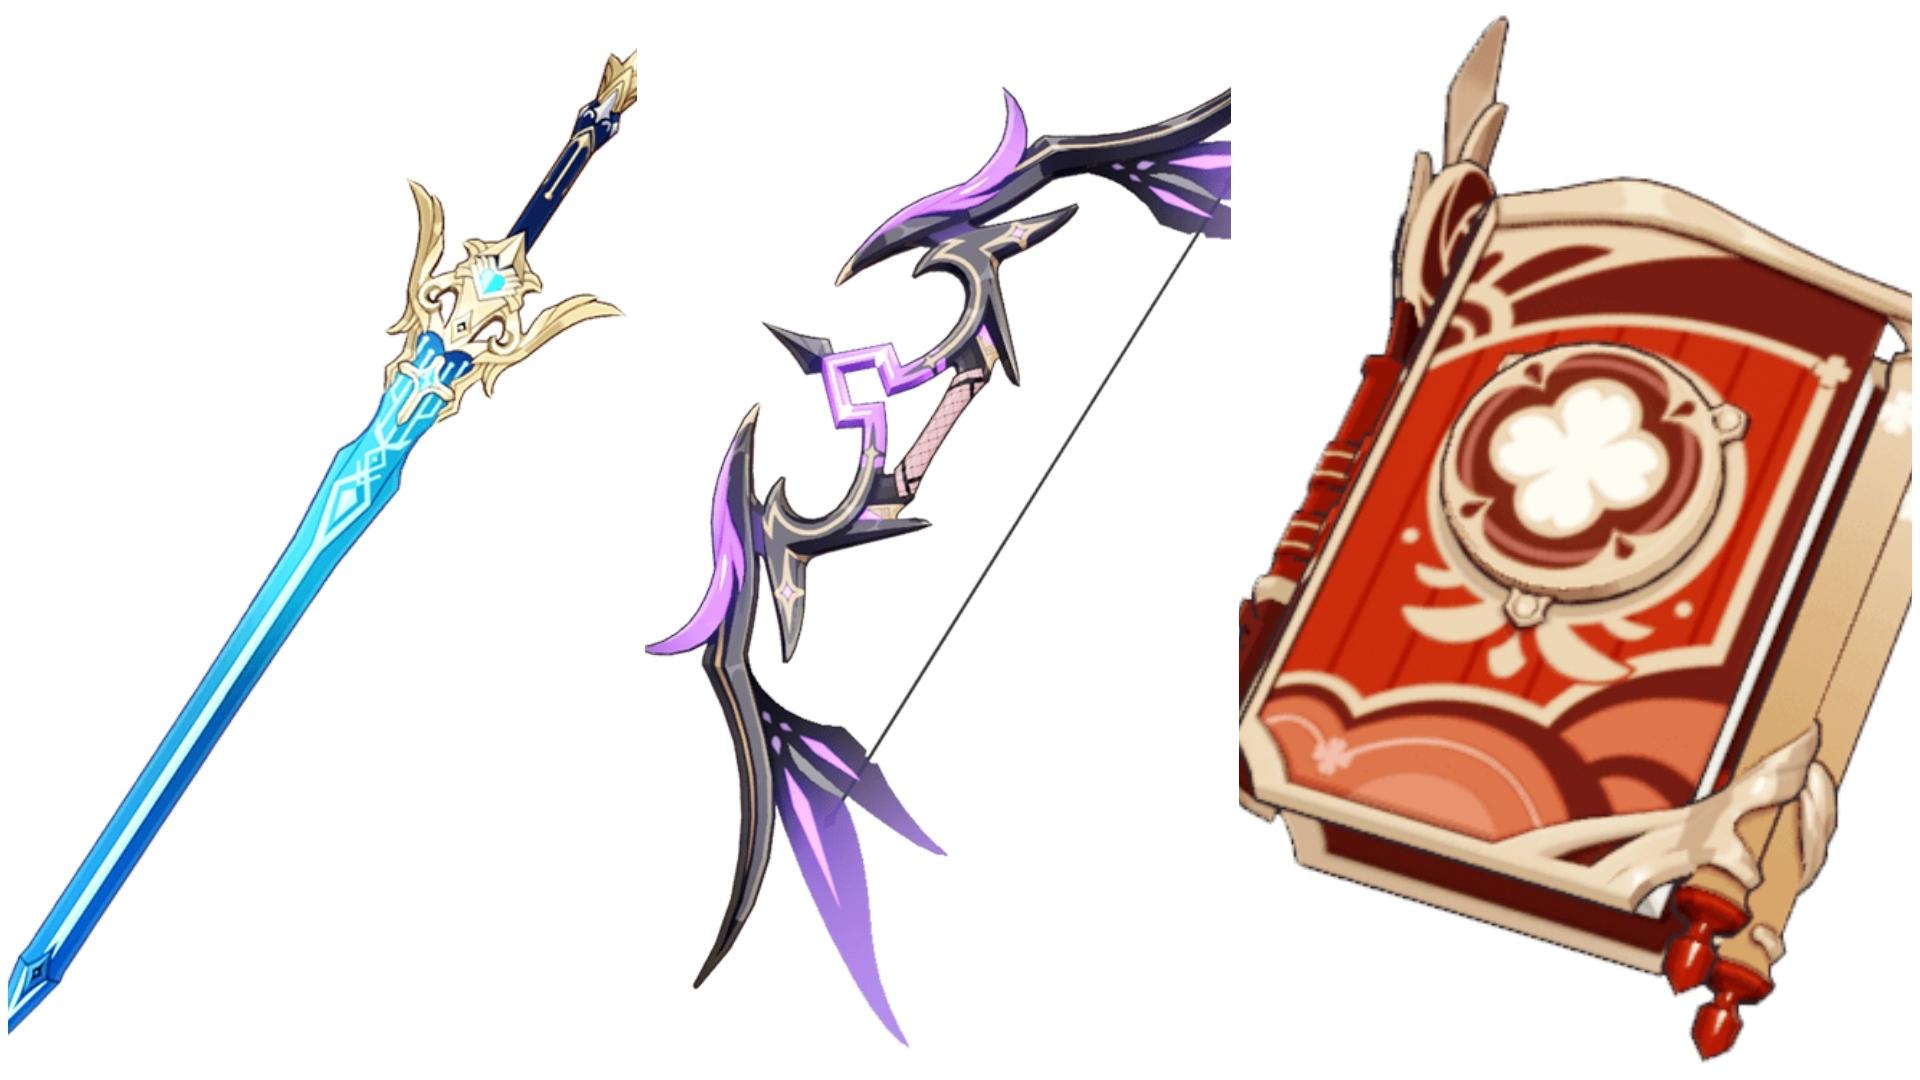 Nuevas armas y equipamiento de la versión 1.6 de Genshin Impact